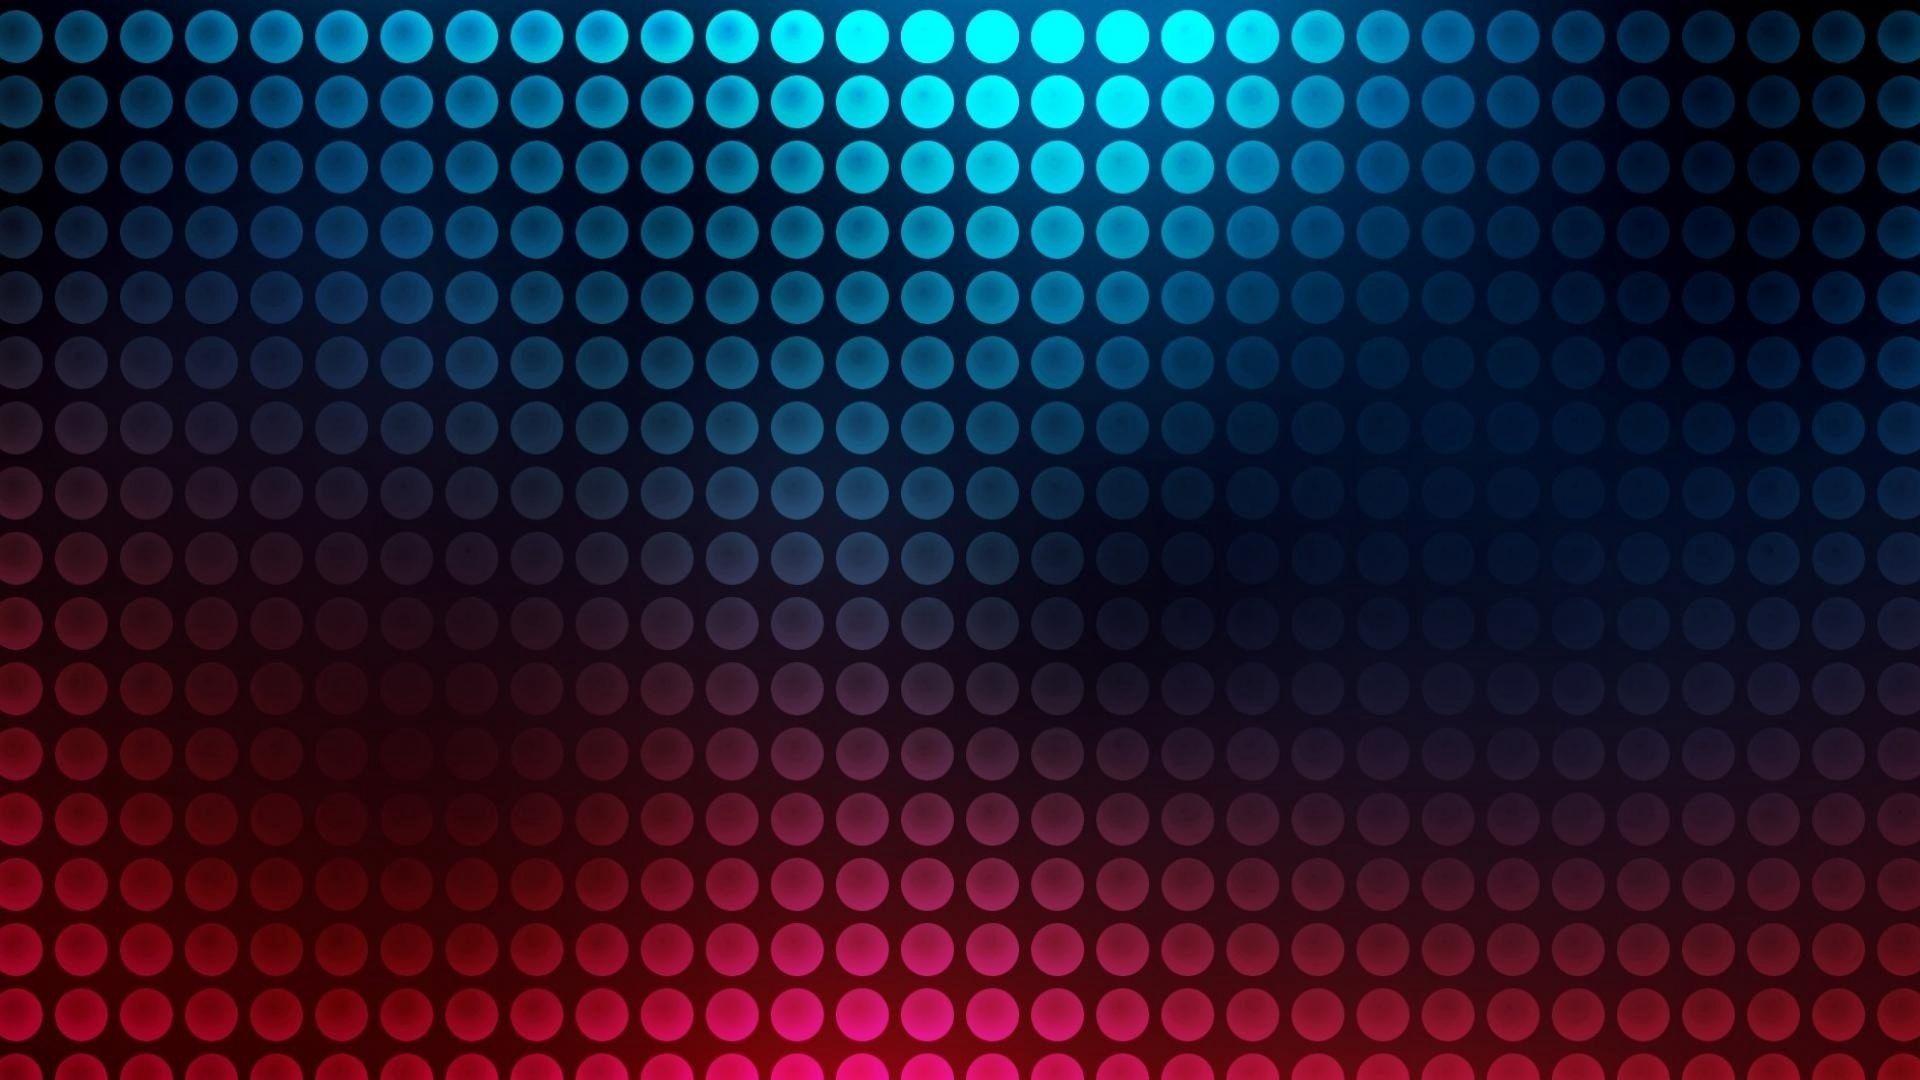 Dots 1080p Wallpaper